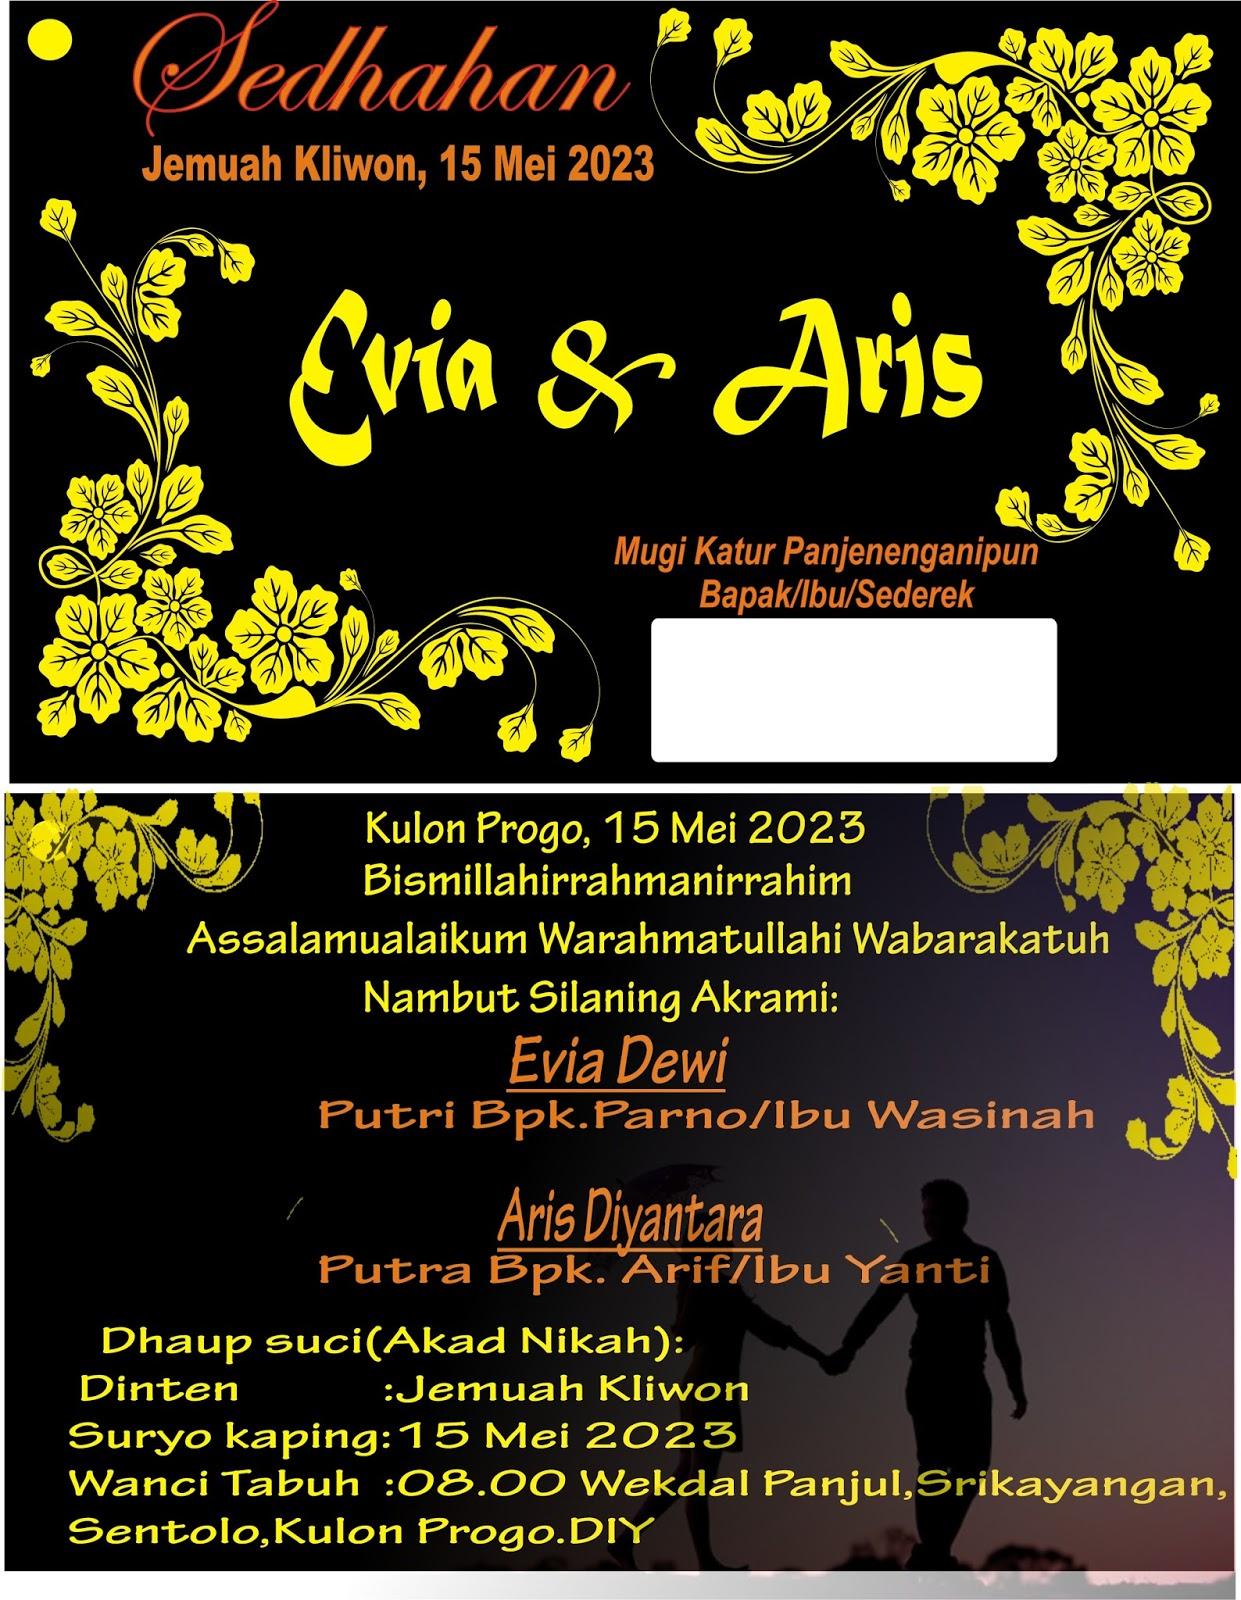 Contoh Undangan Pernikahan Dalam Bahasa Jawa Contoh Undangan Evia